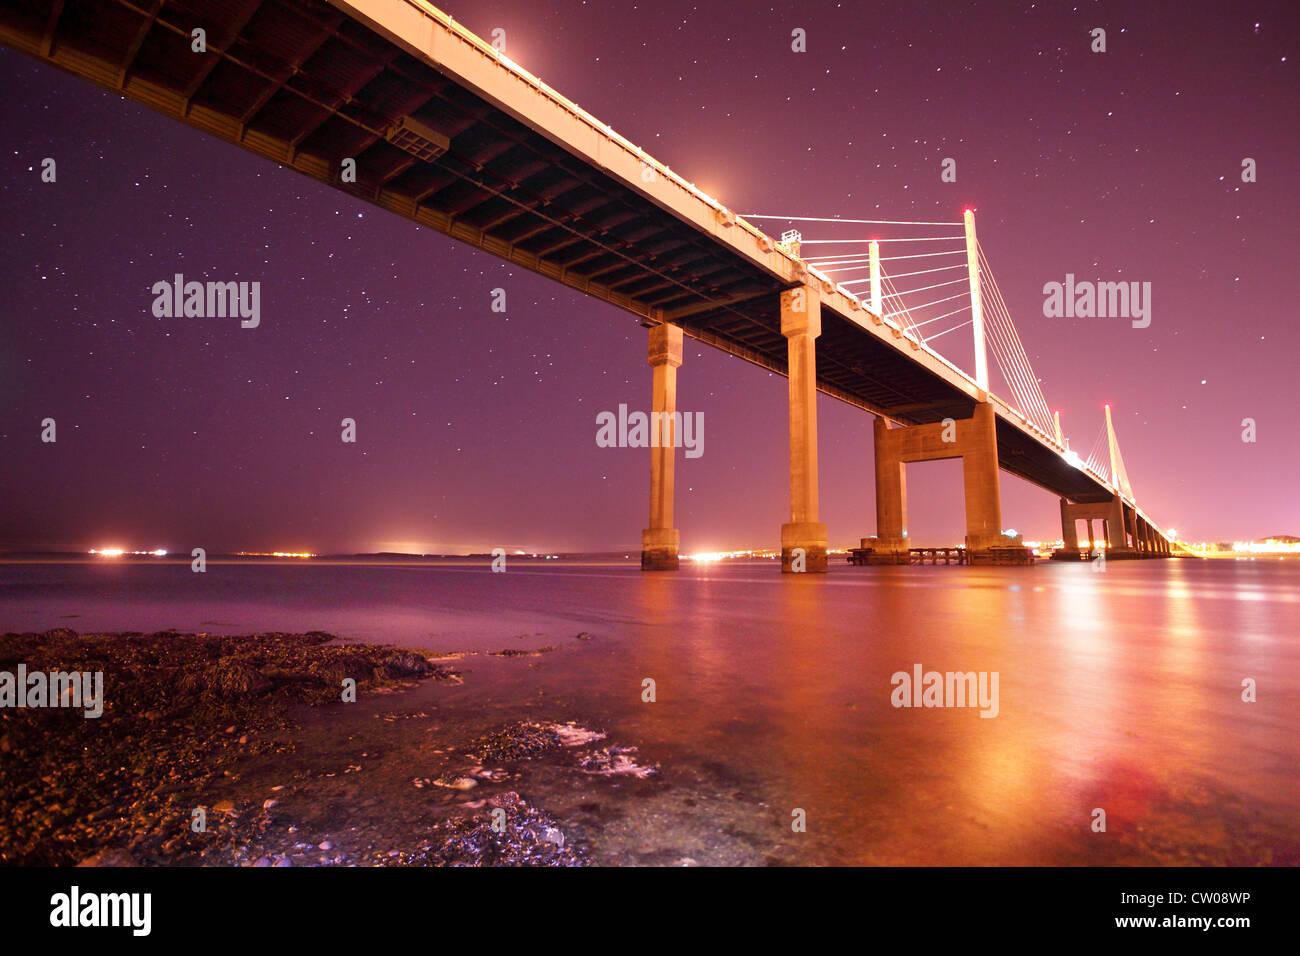 Gefüllte Starnacht in den Moray Firth und Kessock Brücke Highland-Schottland Stockbild